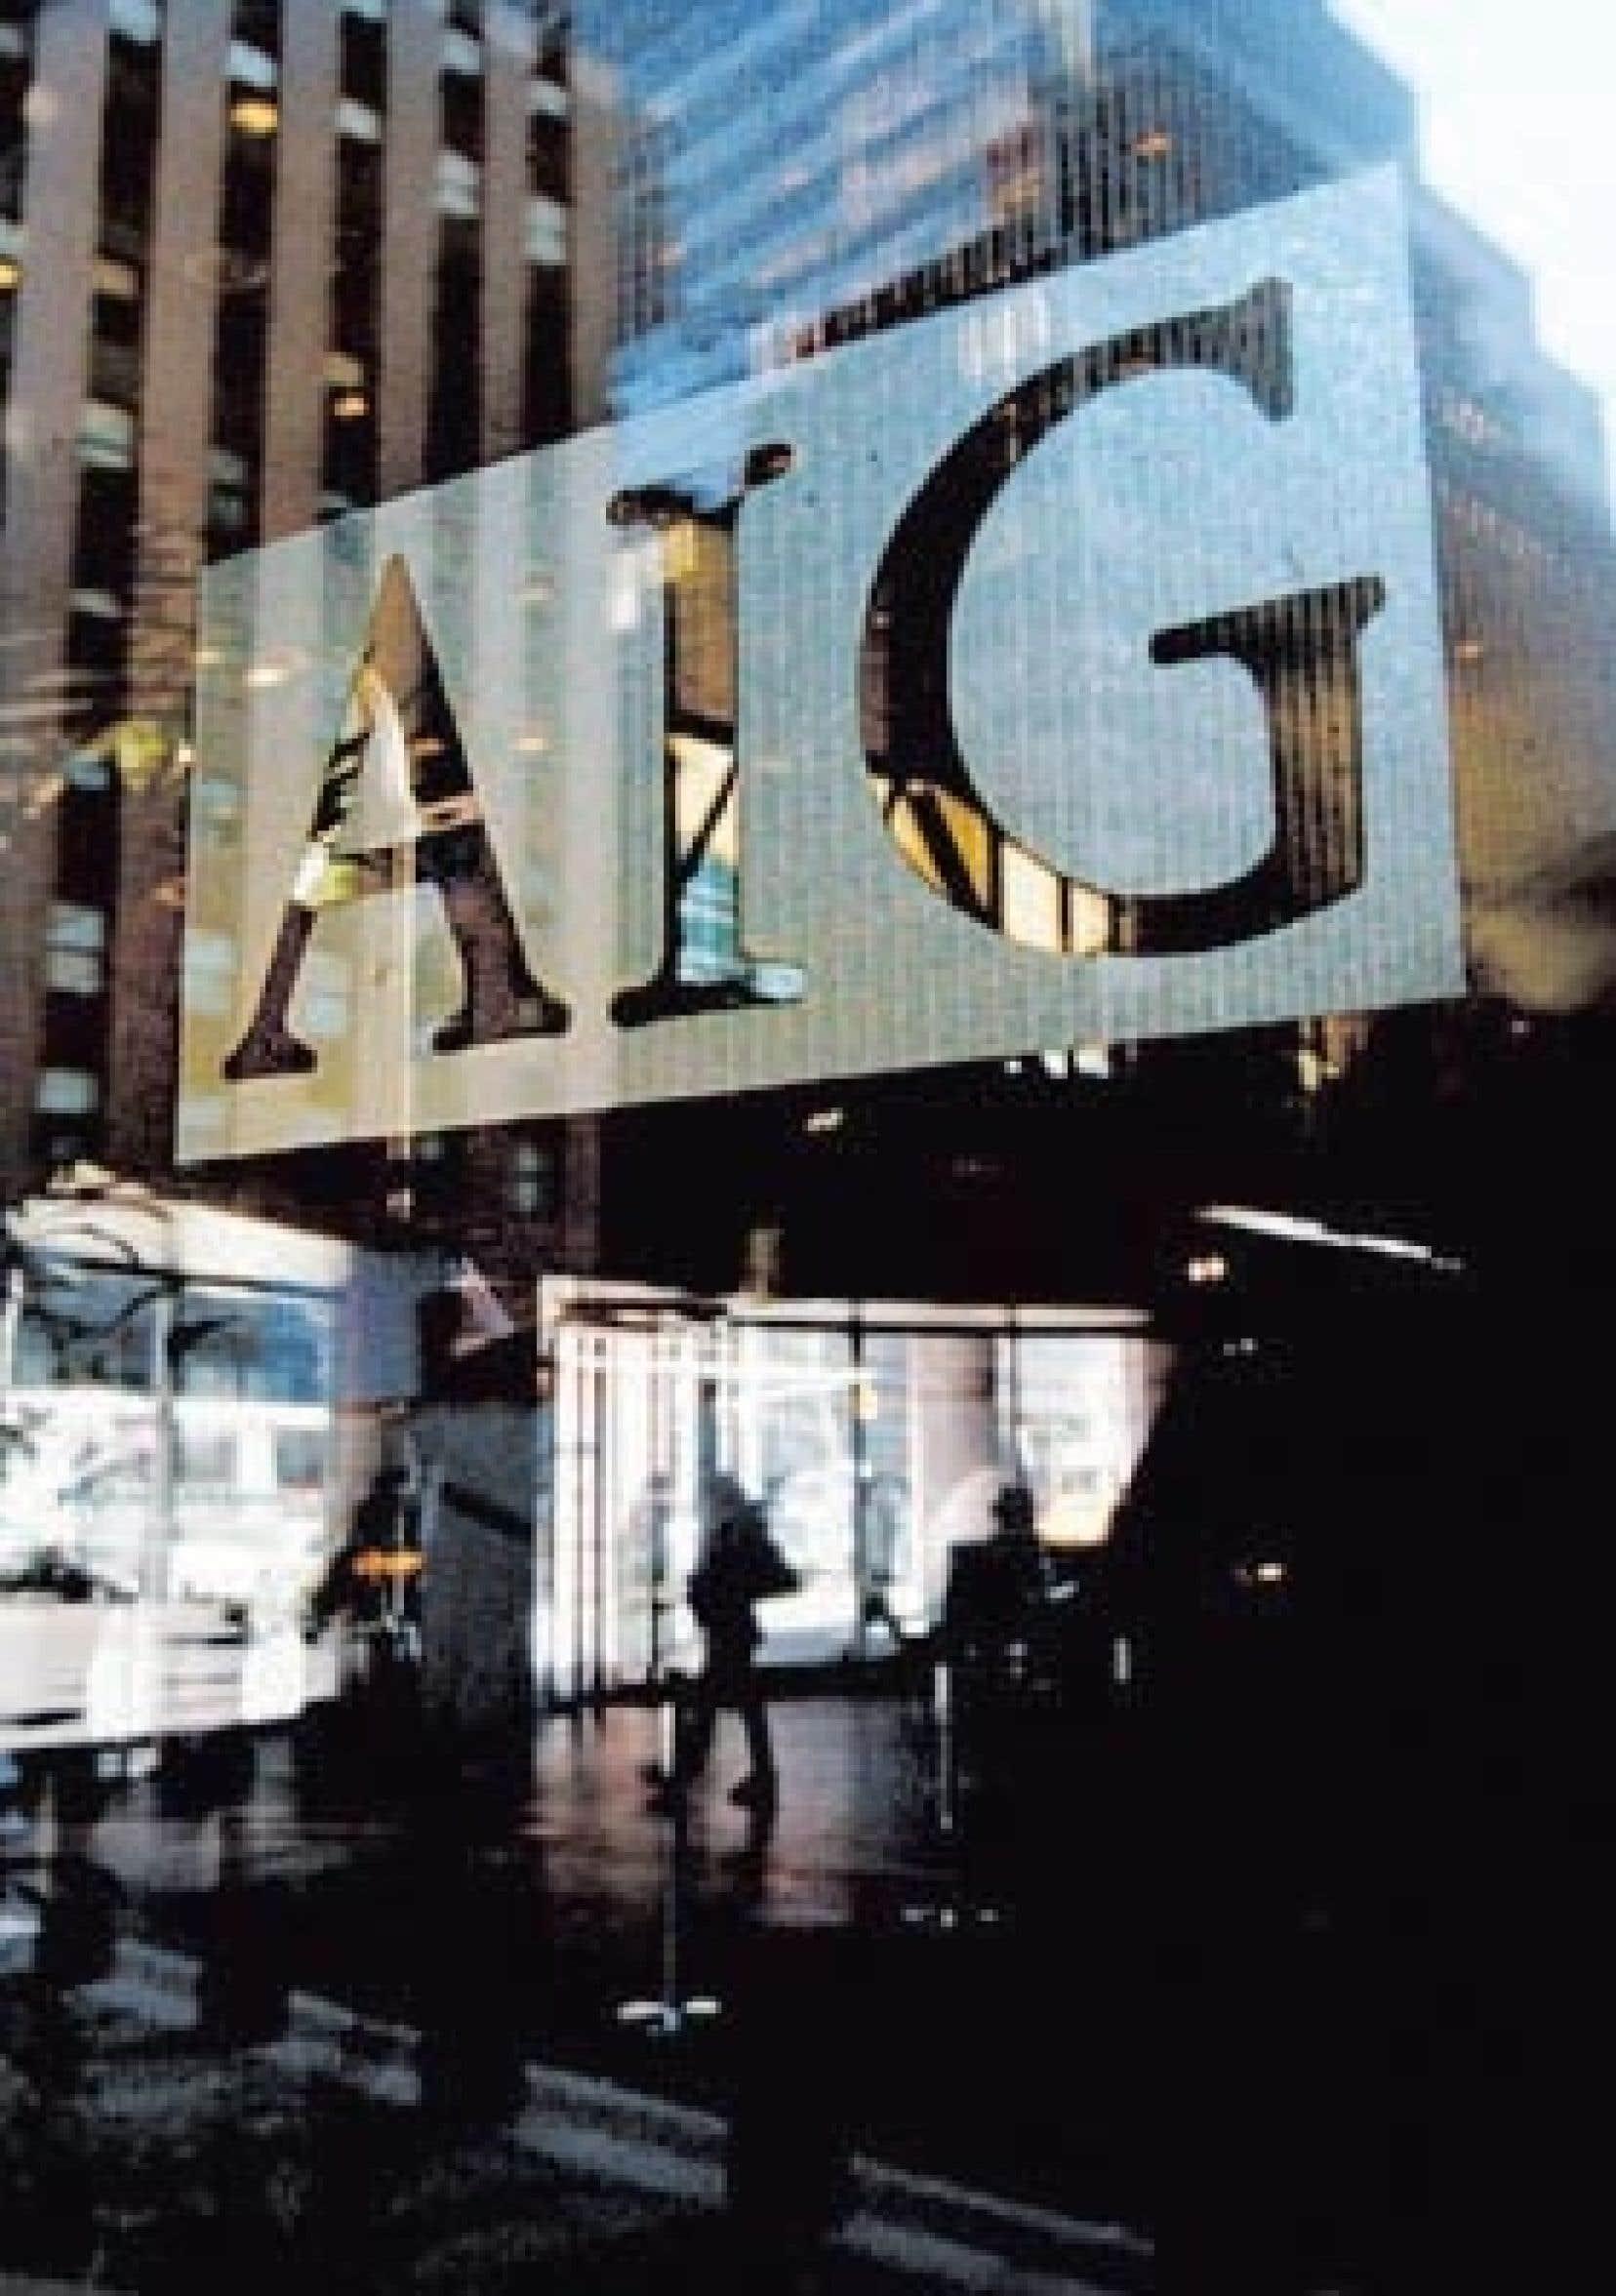 L'assureur AIG, sauvé de la faillite par les pouvoirs publics qui ont dû y injecter plus de 170 milliards $US, a provoqué la fureur des contribuables américains et même de la Maison-Blanche lorsque l'annonce de versements de primes massives aux